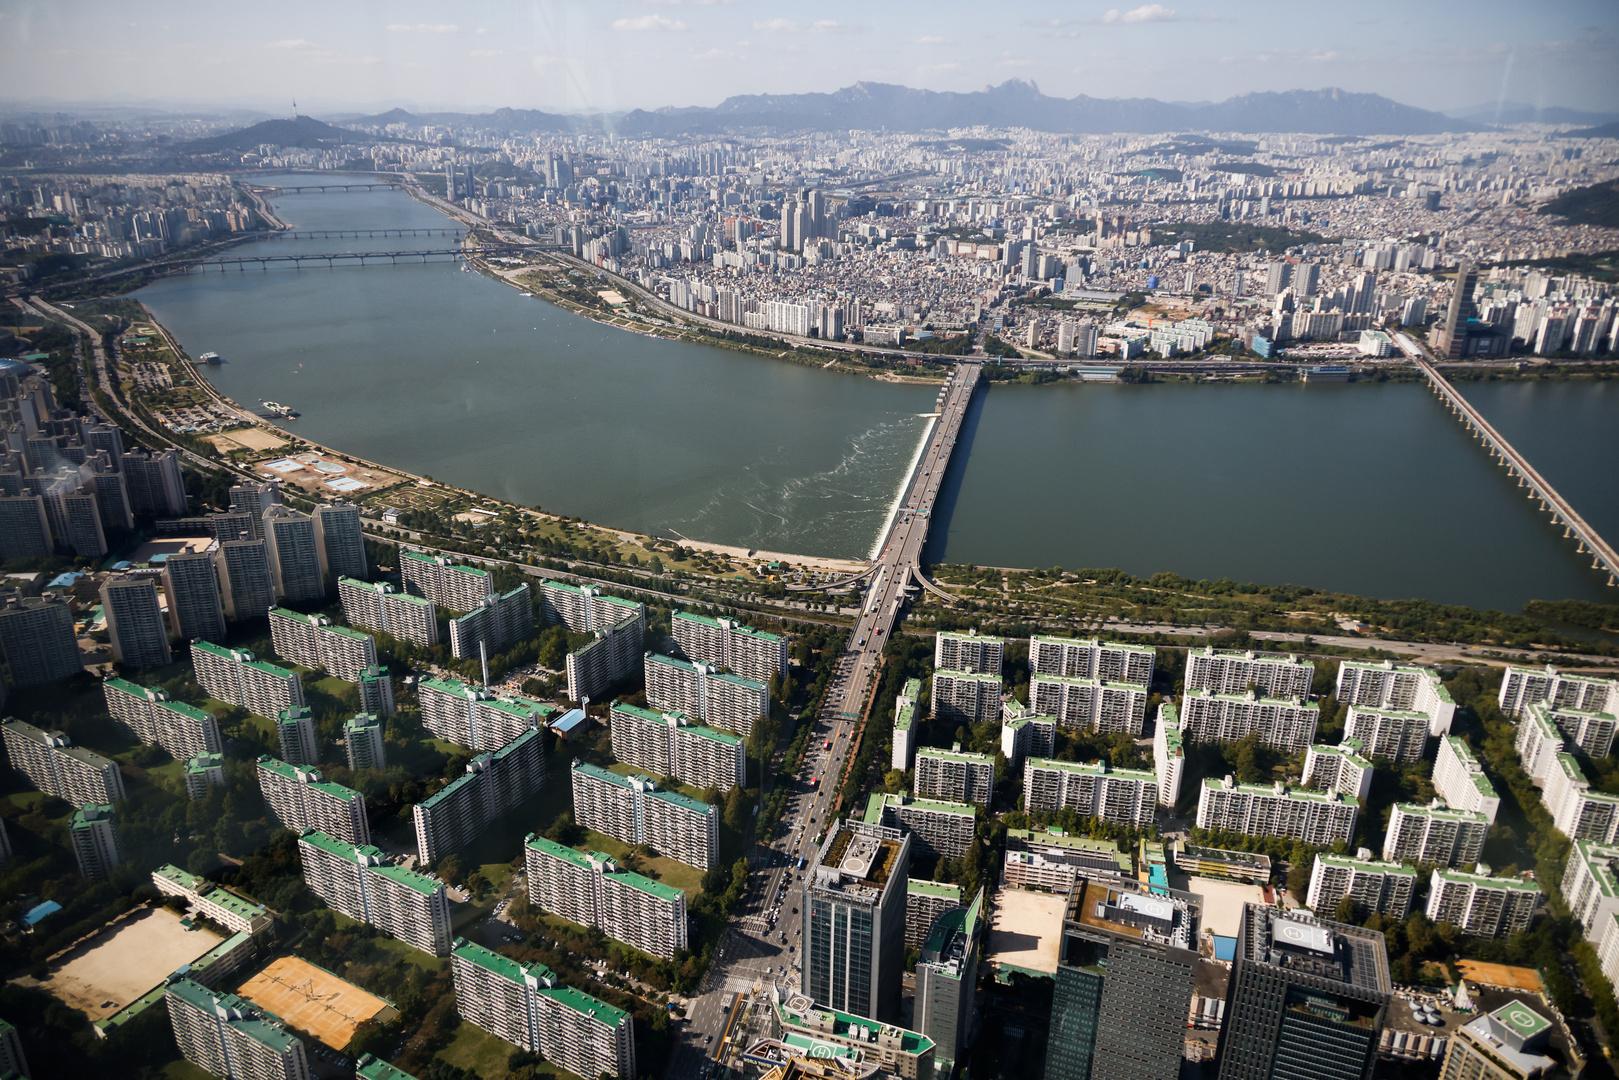 كوريا الجنوبية.. اتحاد المسلمين الكوريين يصدر بيانا بشأن أوضاعهم